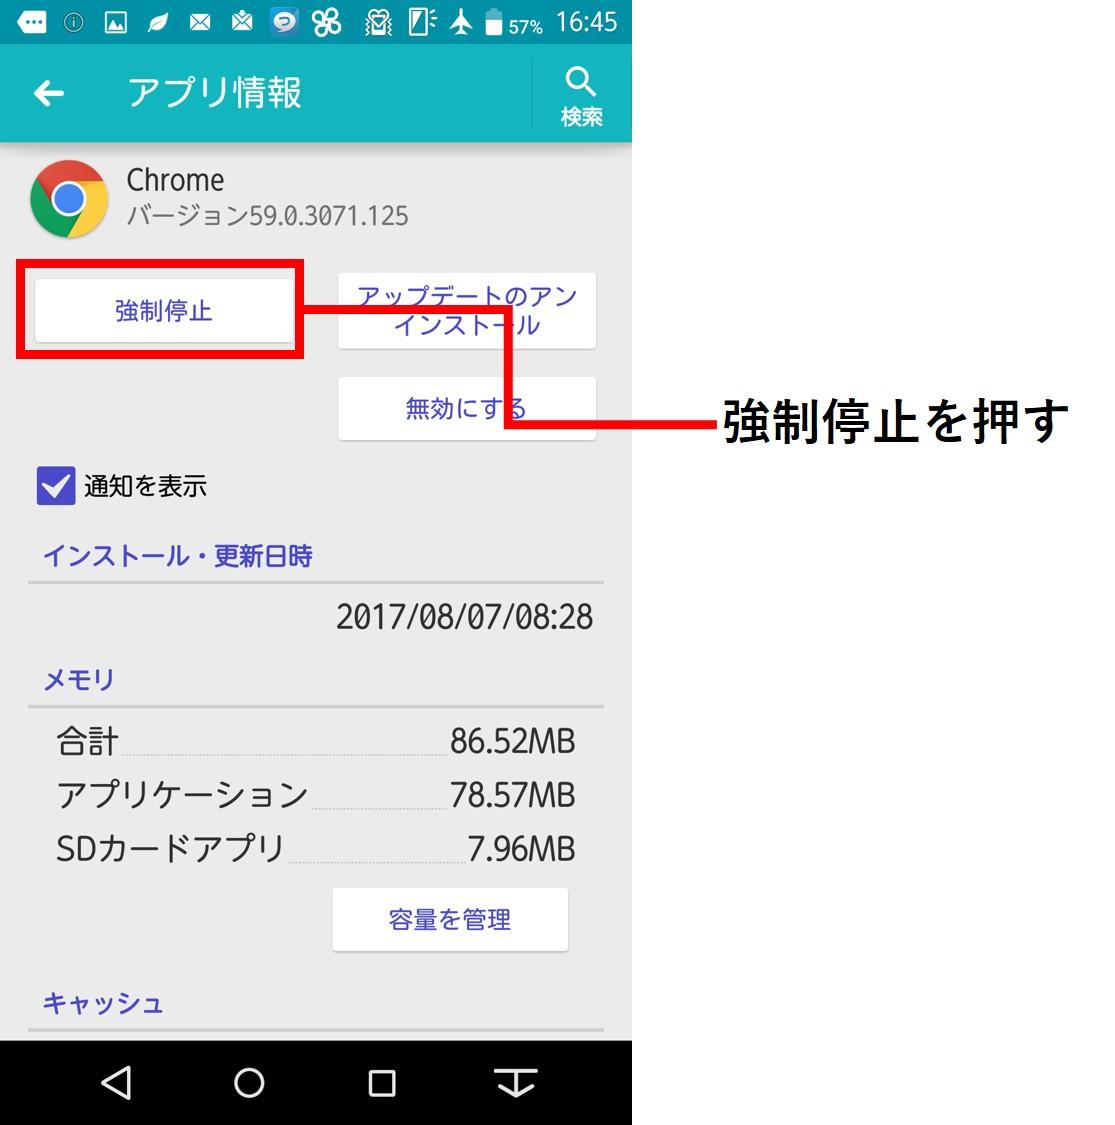 請求 画面 と サイト 削除 iphone アダル 突然、アダルトサイトで「登録完了」になった!(身近な消費者トラブルQ&A)_国民生活センター